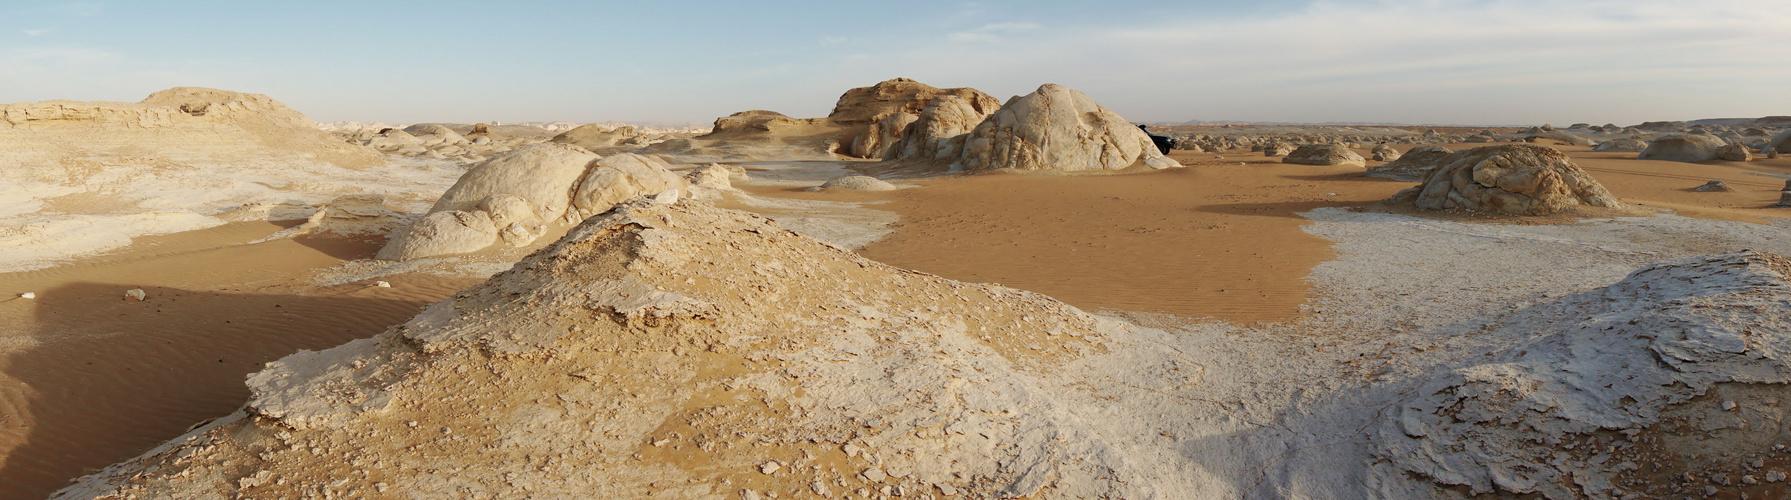 White Desert - Western Sahara - Egypt